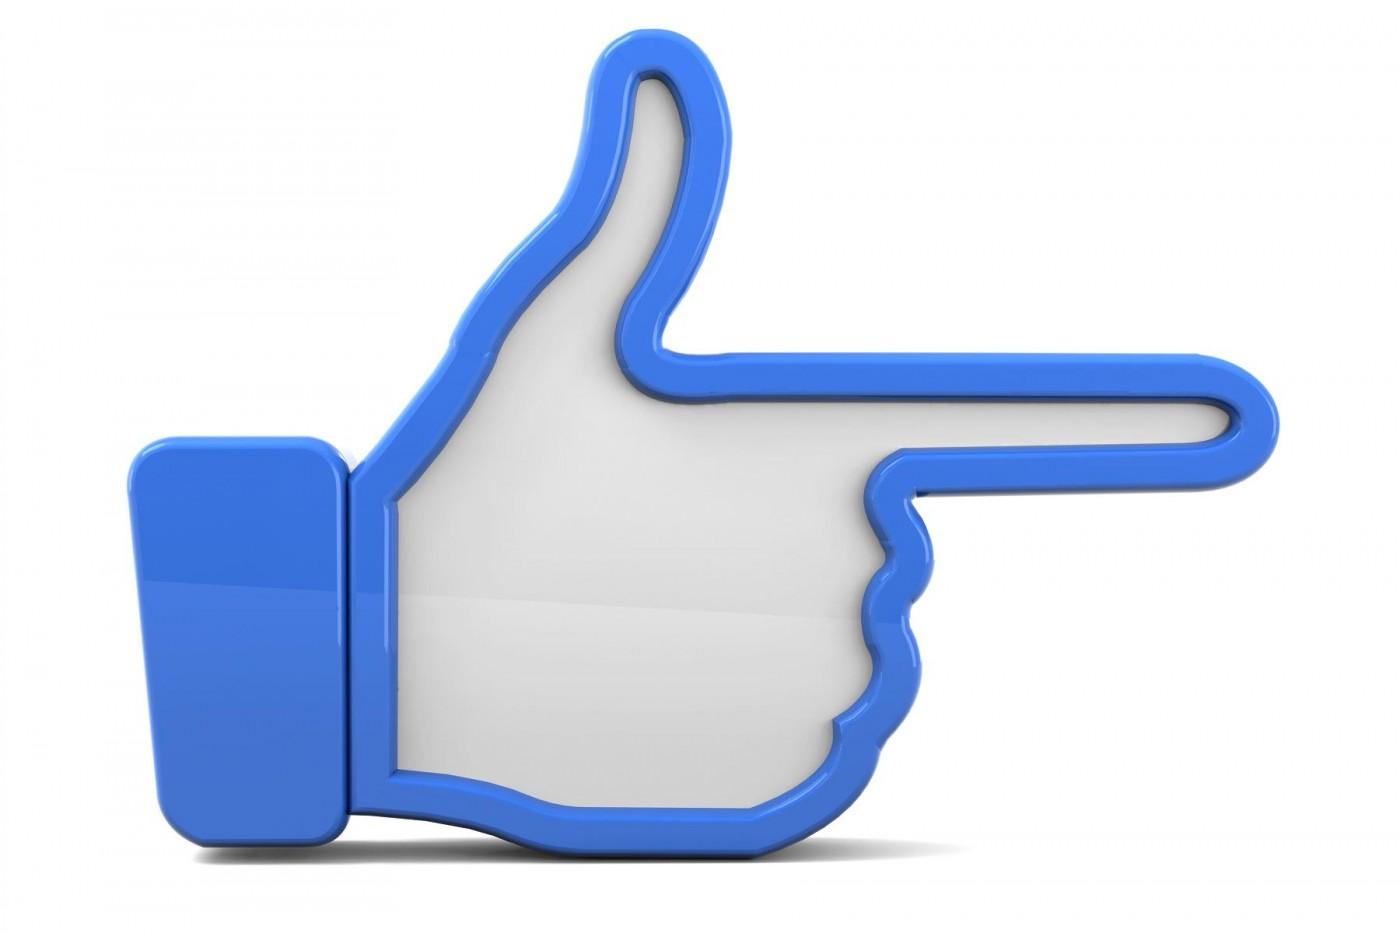 小編注意!Facebook上濫用「讚」、「tag人」、「分享」將被懲罰降低觸及|數位時代